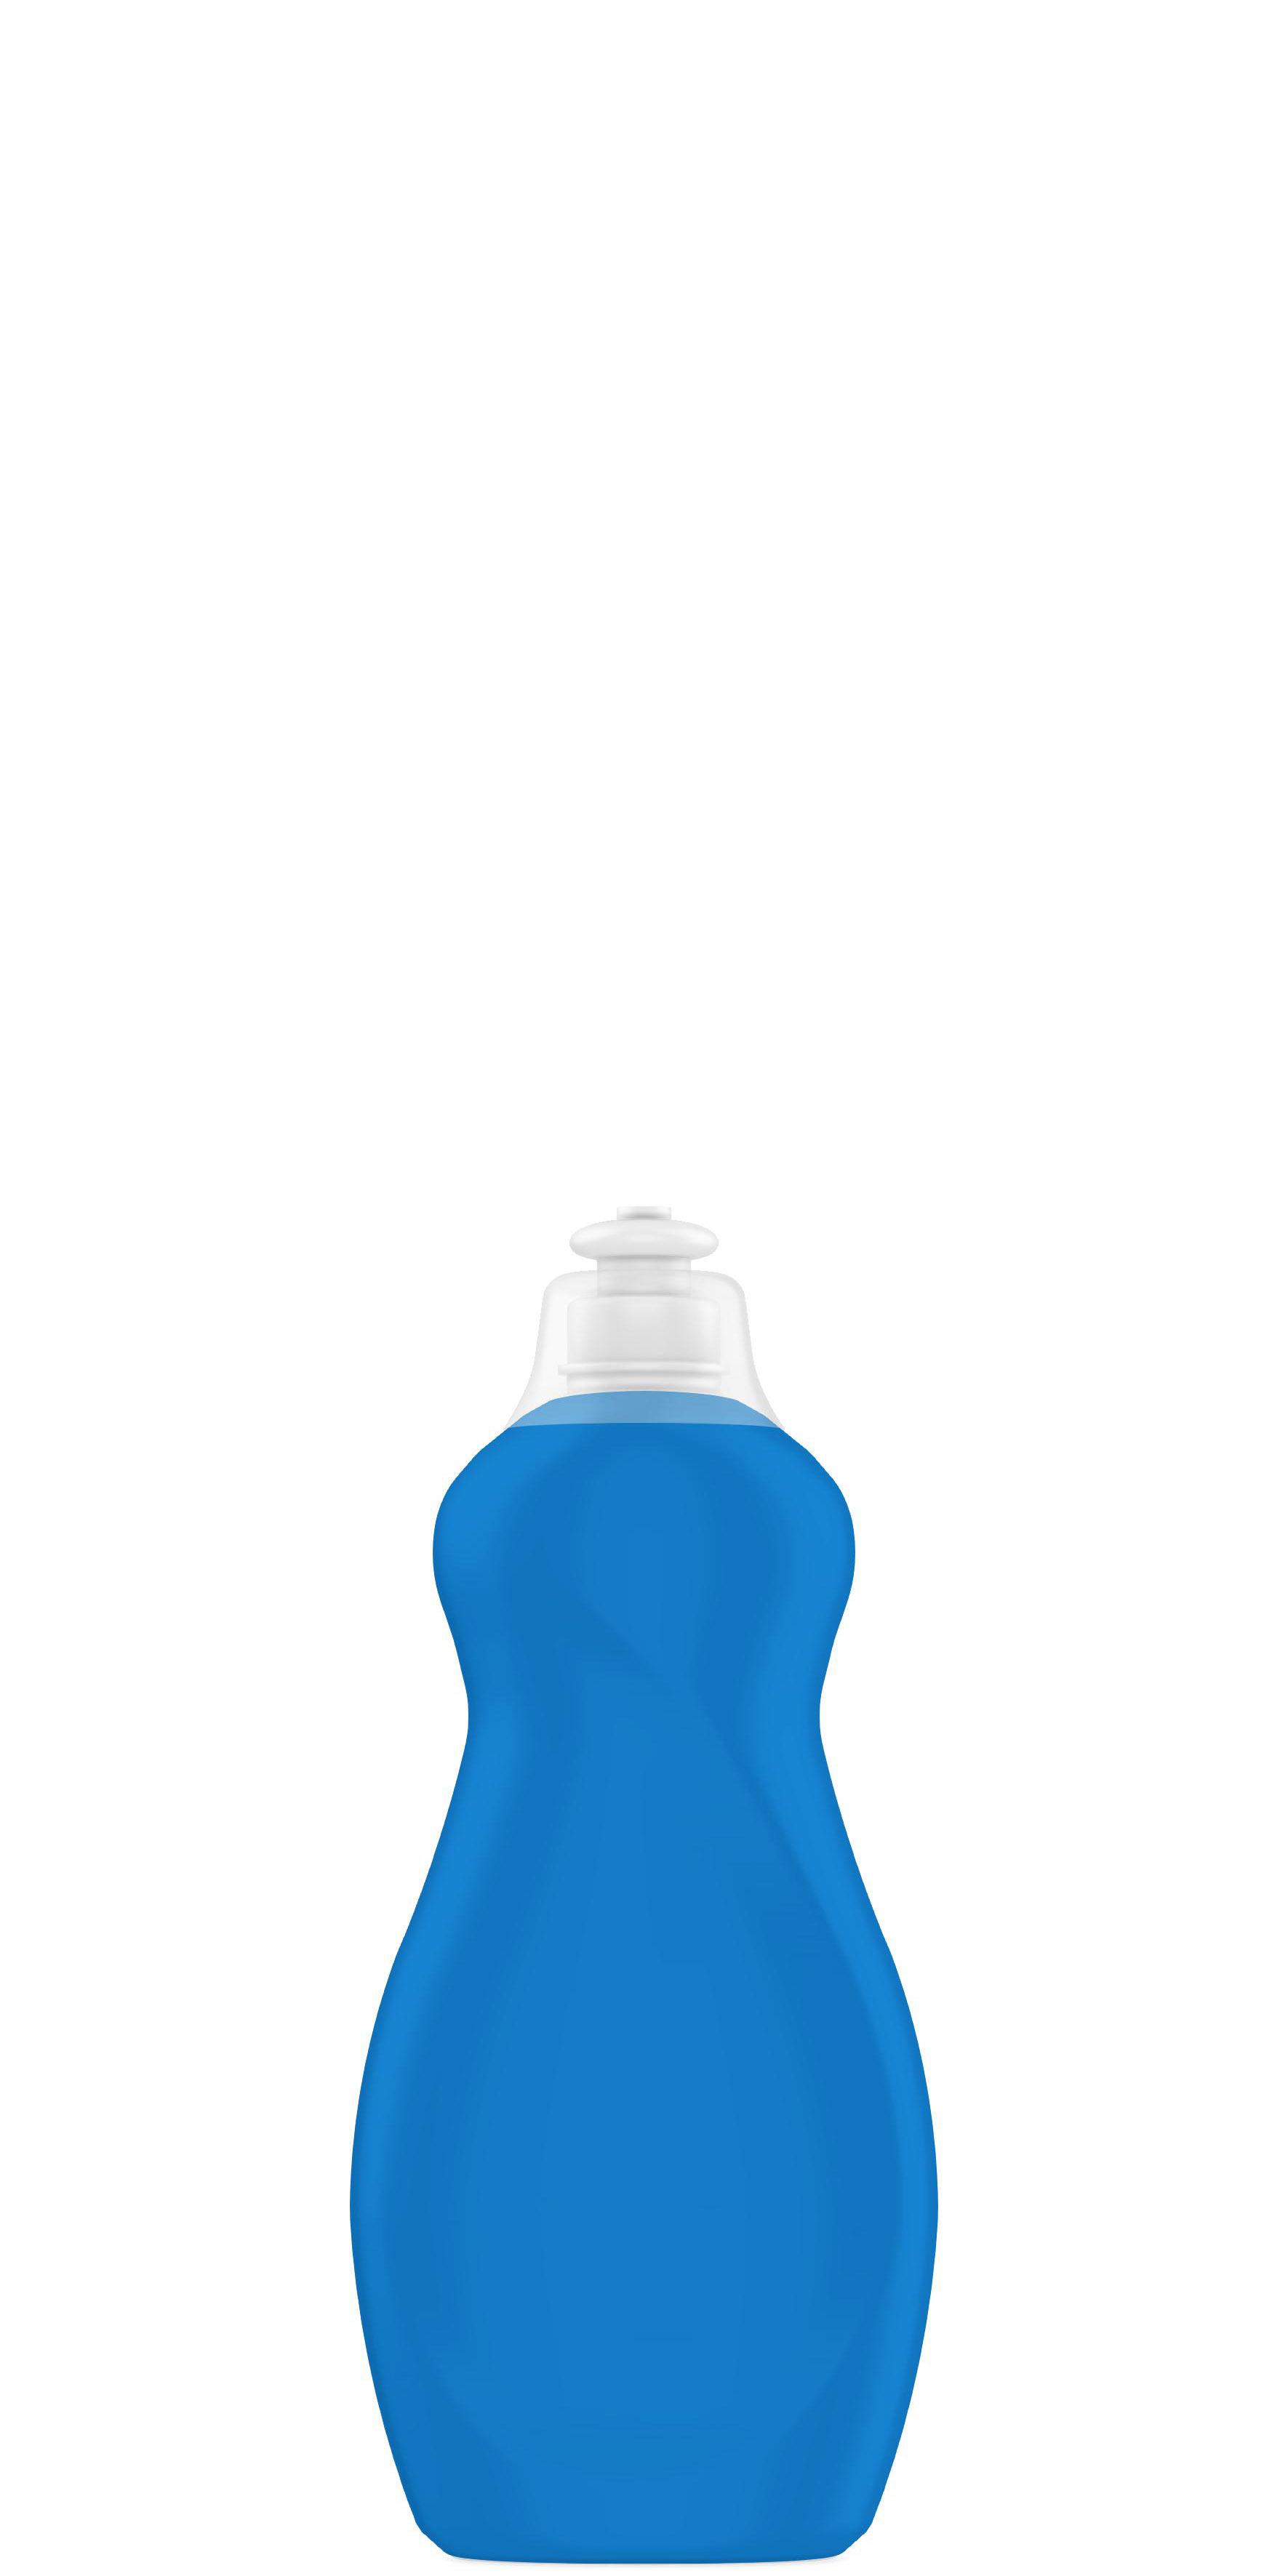 Forme emballage liquide vaisselle 500ml à 1L